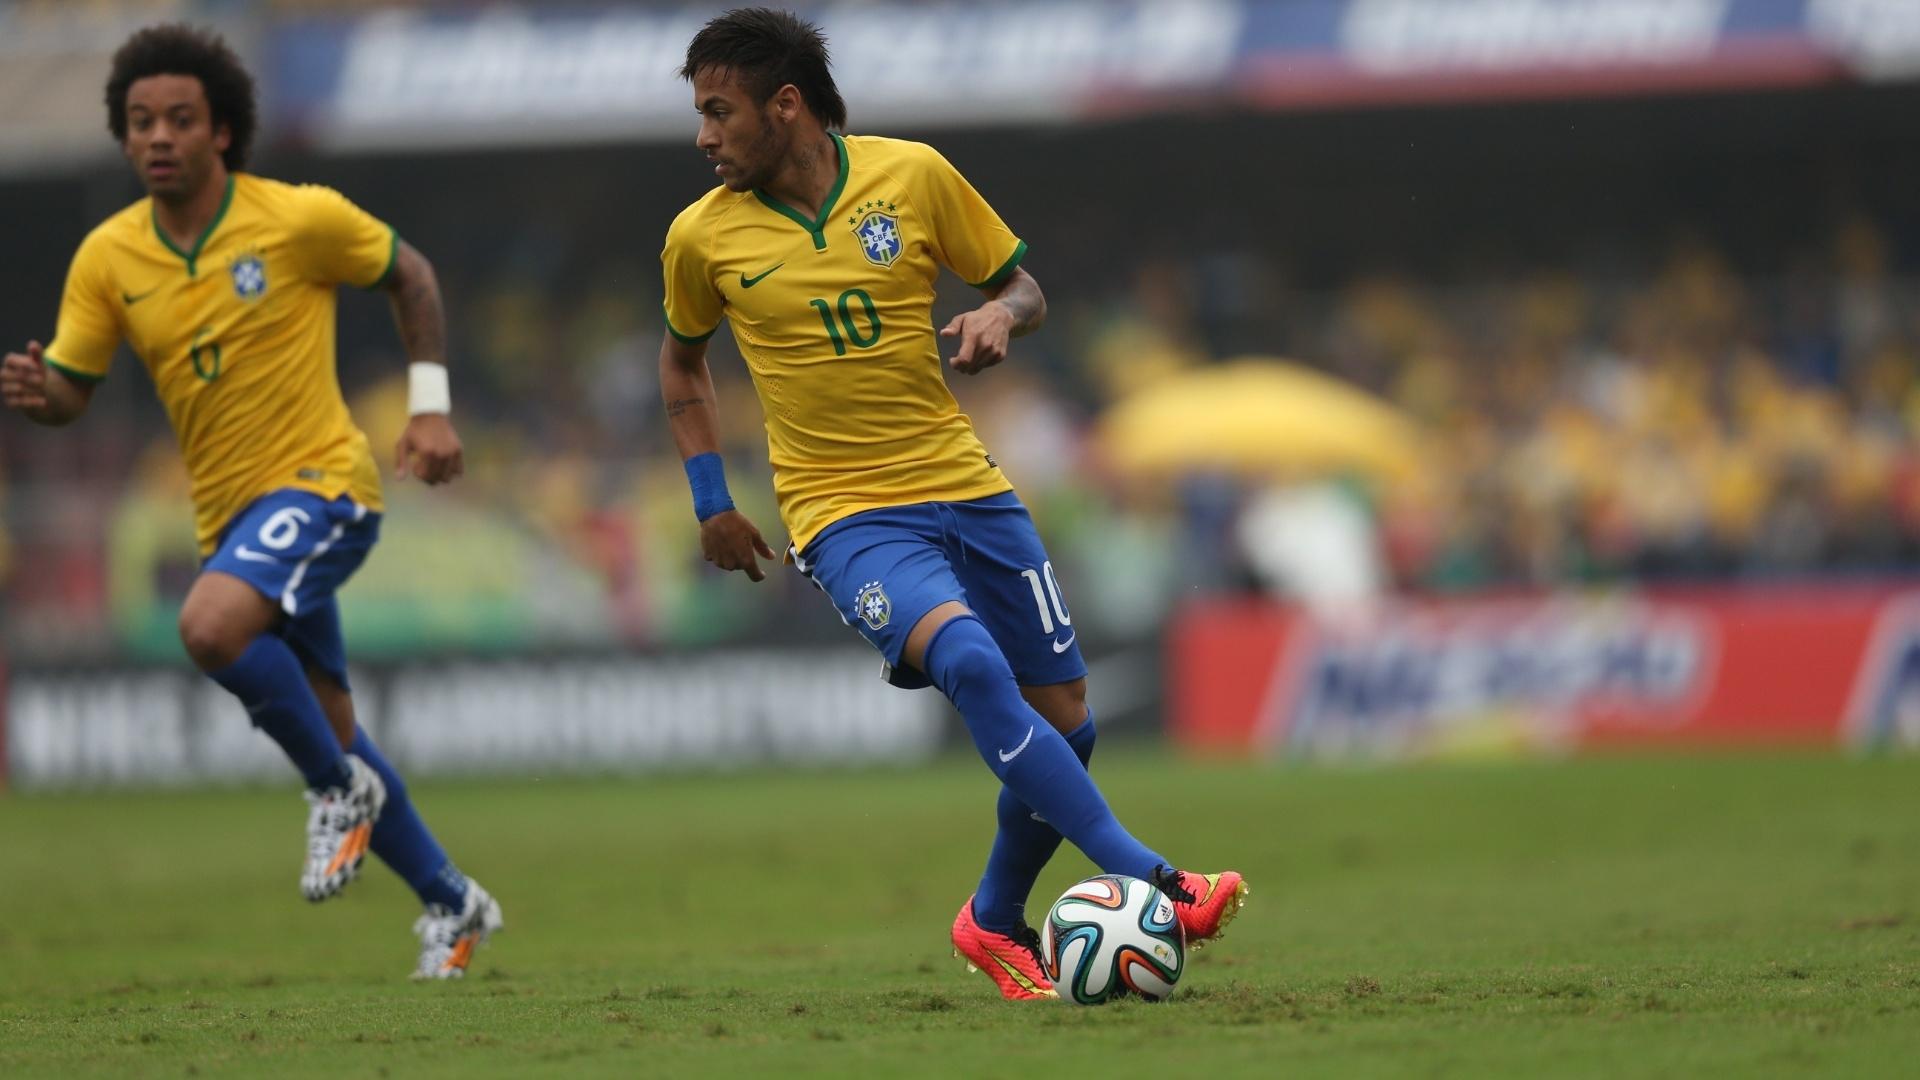 neymar-comanda-ataque-da-selecao-brasileira-em-amistoso-contra-a-servia-no-morumbi-1402083542870_1920x1080